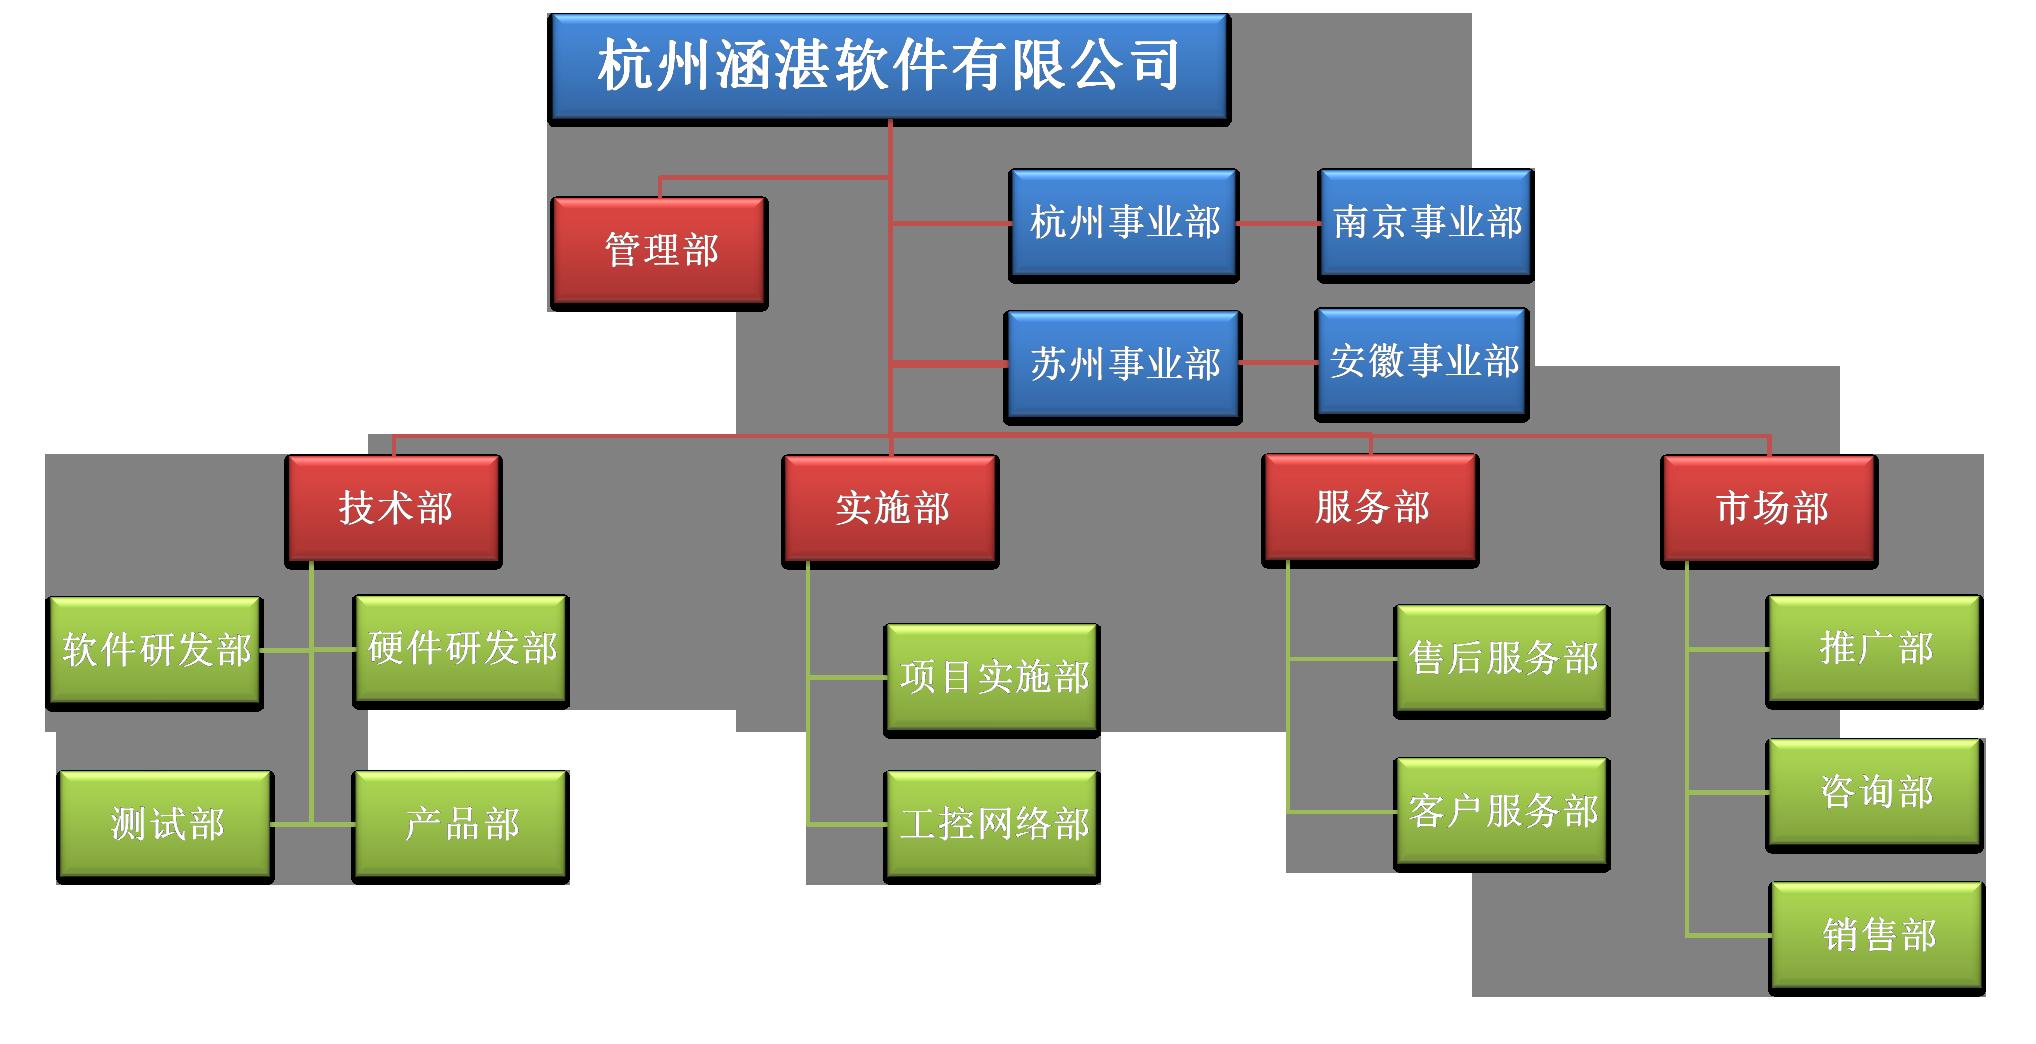 涵湛软件企业组织架构图片